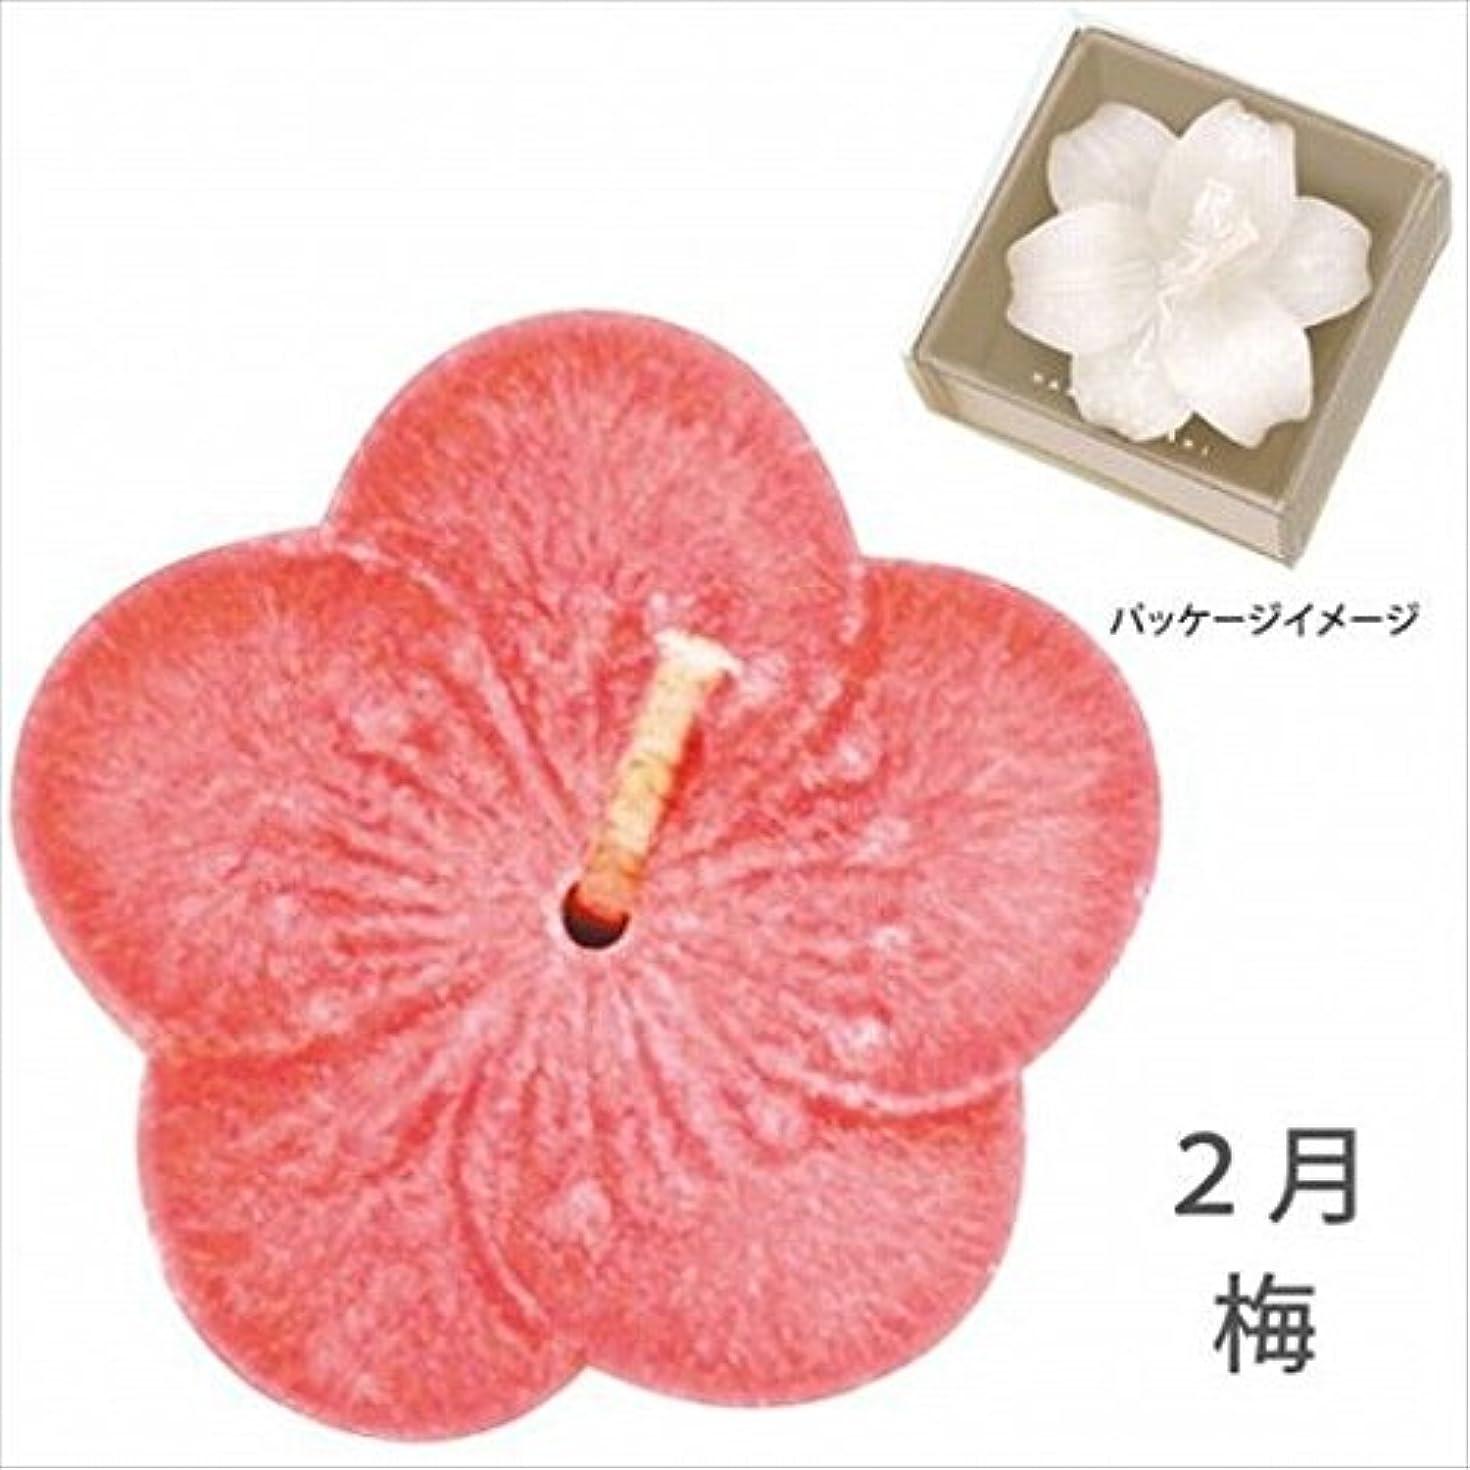 乱闘悔い改める月曜kameyama candle(カメヤマキャンドル) 花づくし(植物性) 梅 「 梅(2月) 」 キャンドル(A4620550)